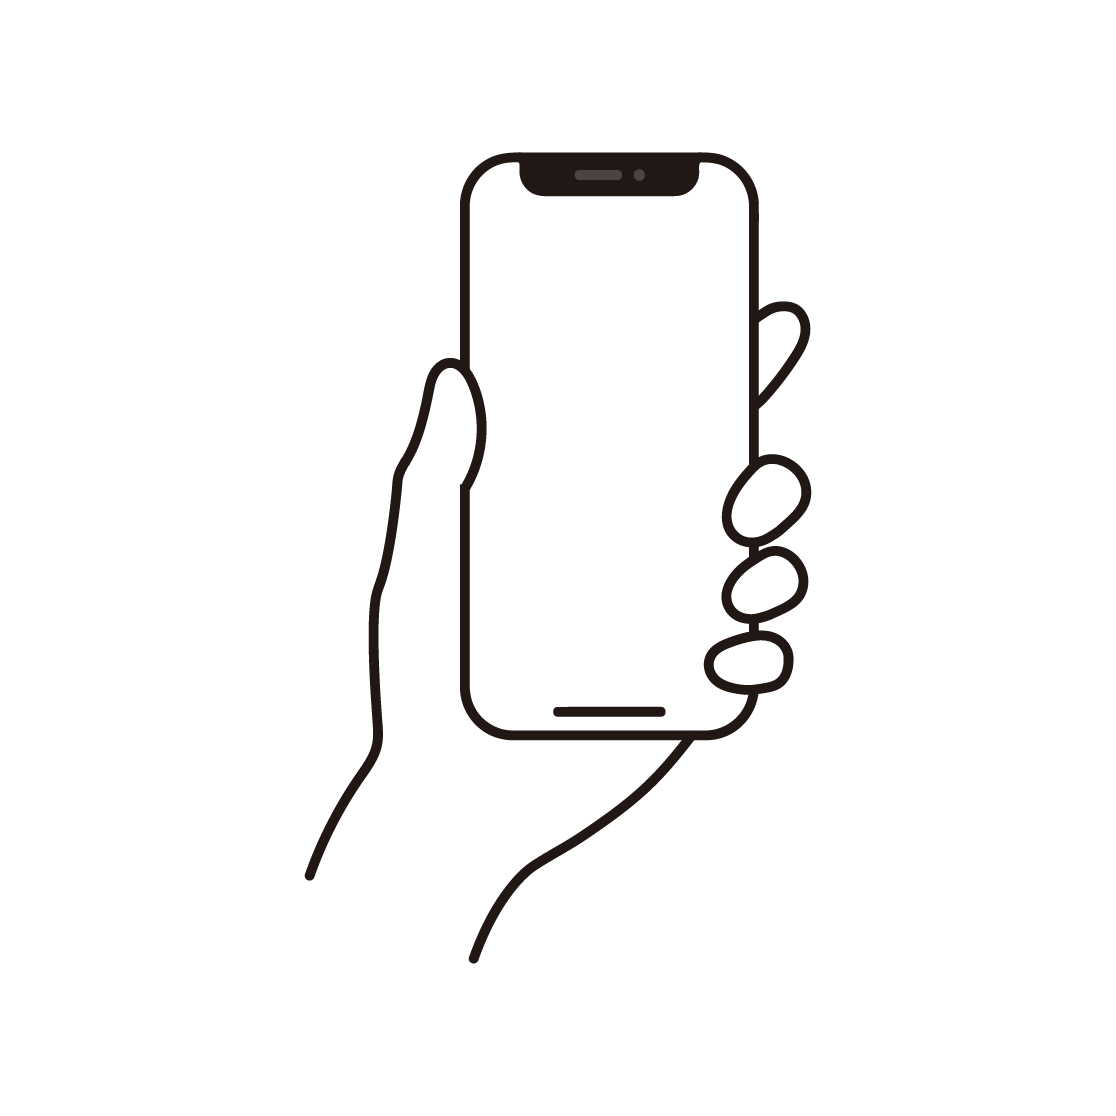 スマートフォンを持つ手